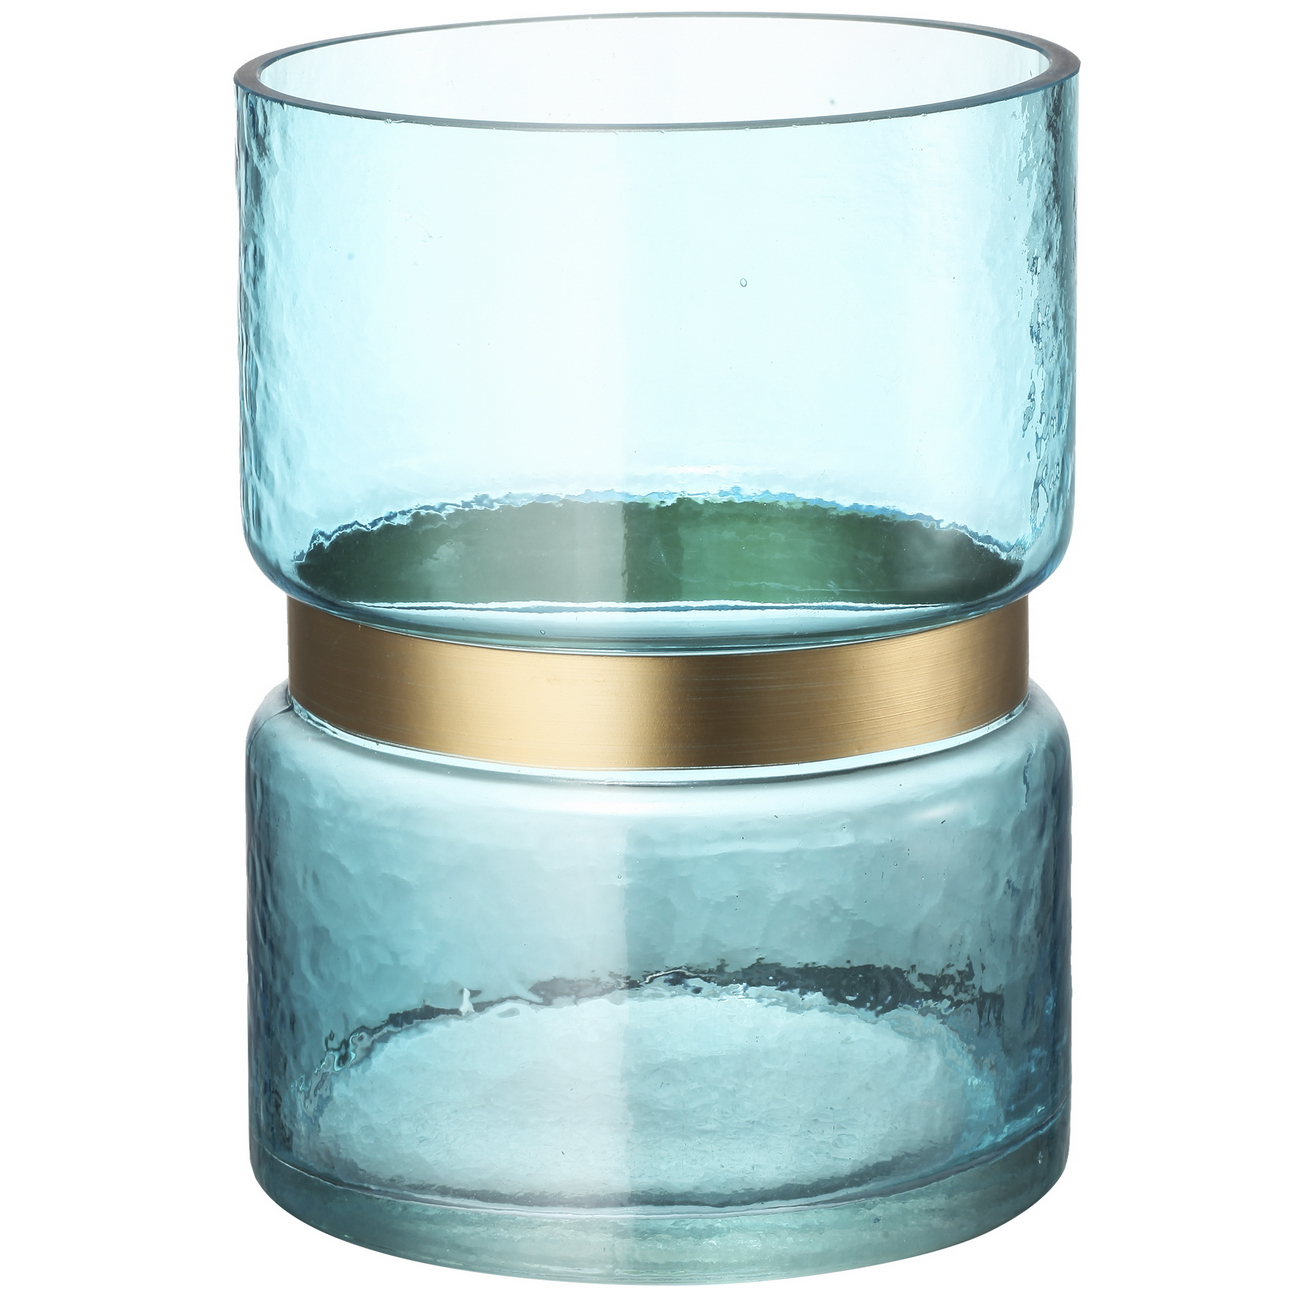 {} ARTEVALUCE Ваза Sefa Цвет: Голубой (15х20 см) artevaluce ваза ria цвет оранжевый 13х13х41 см